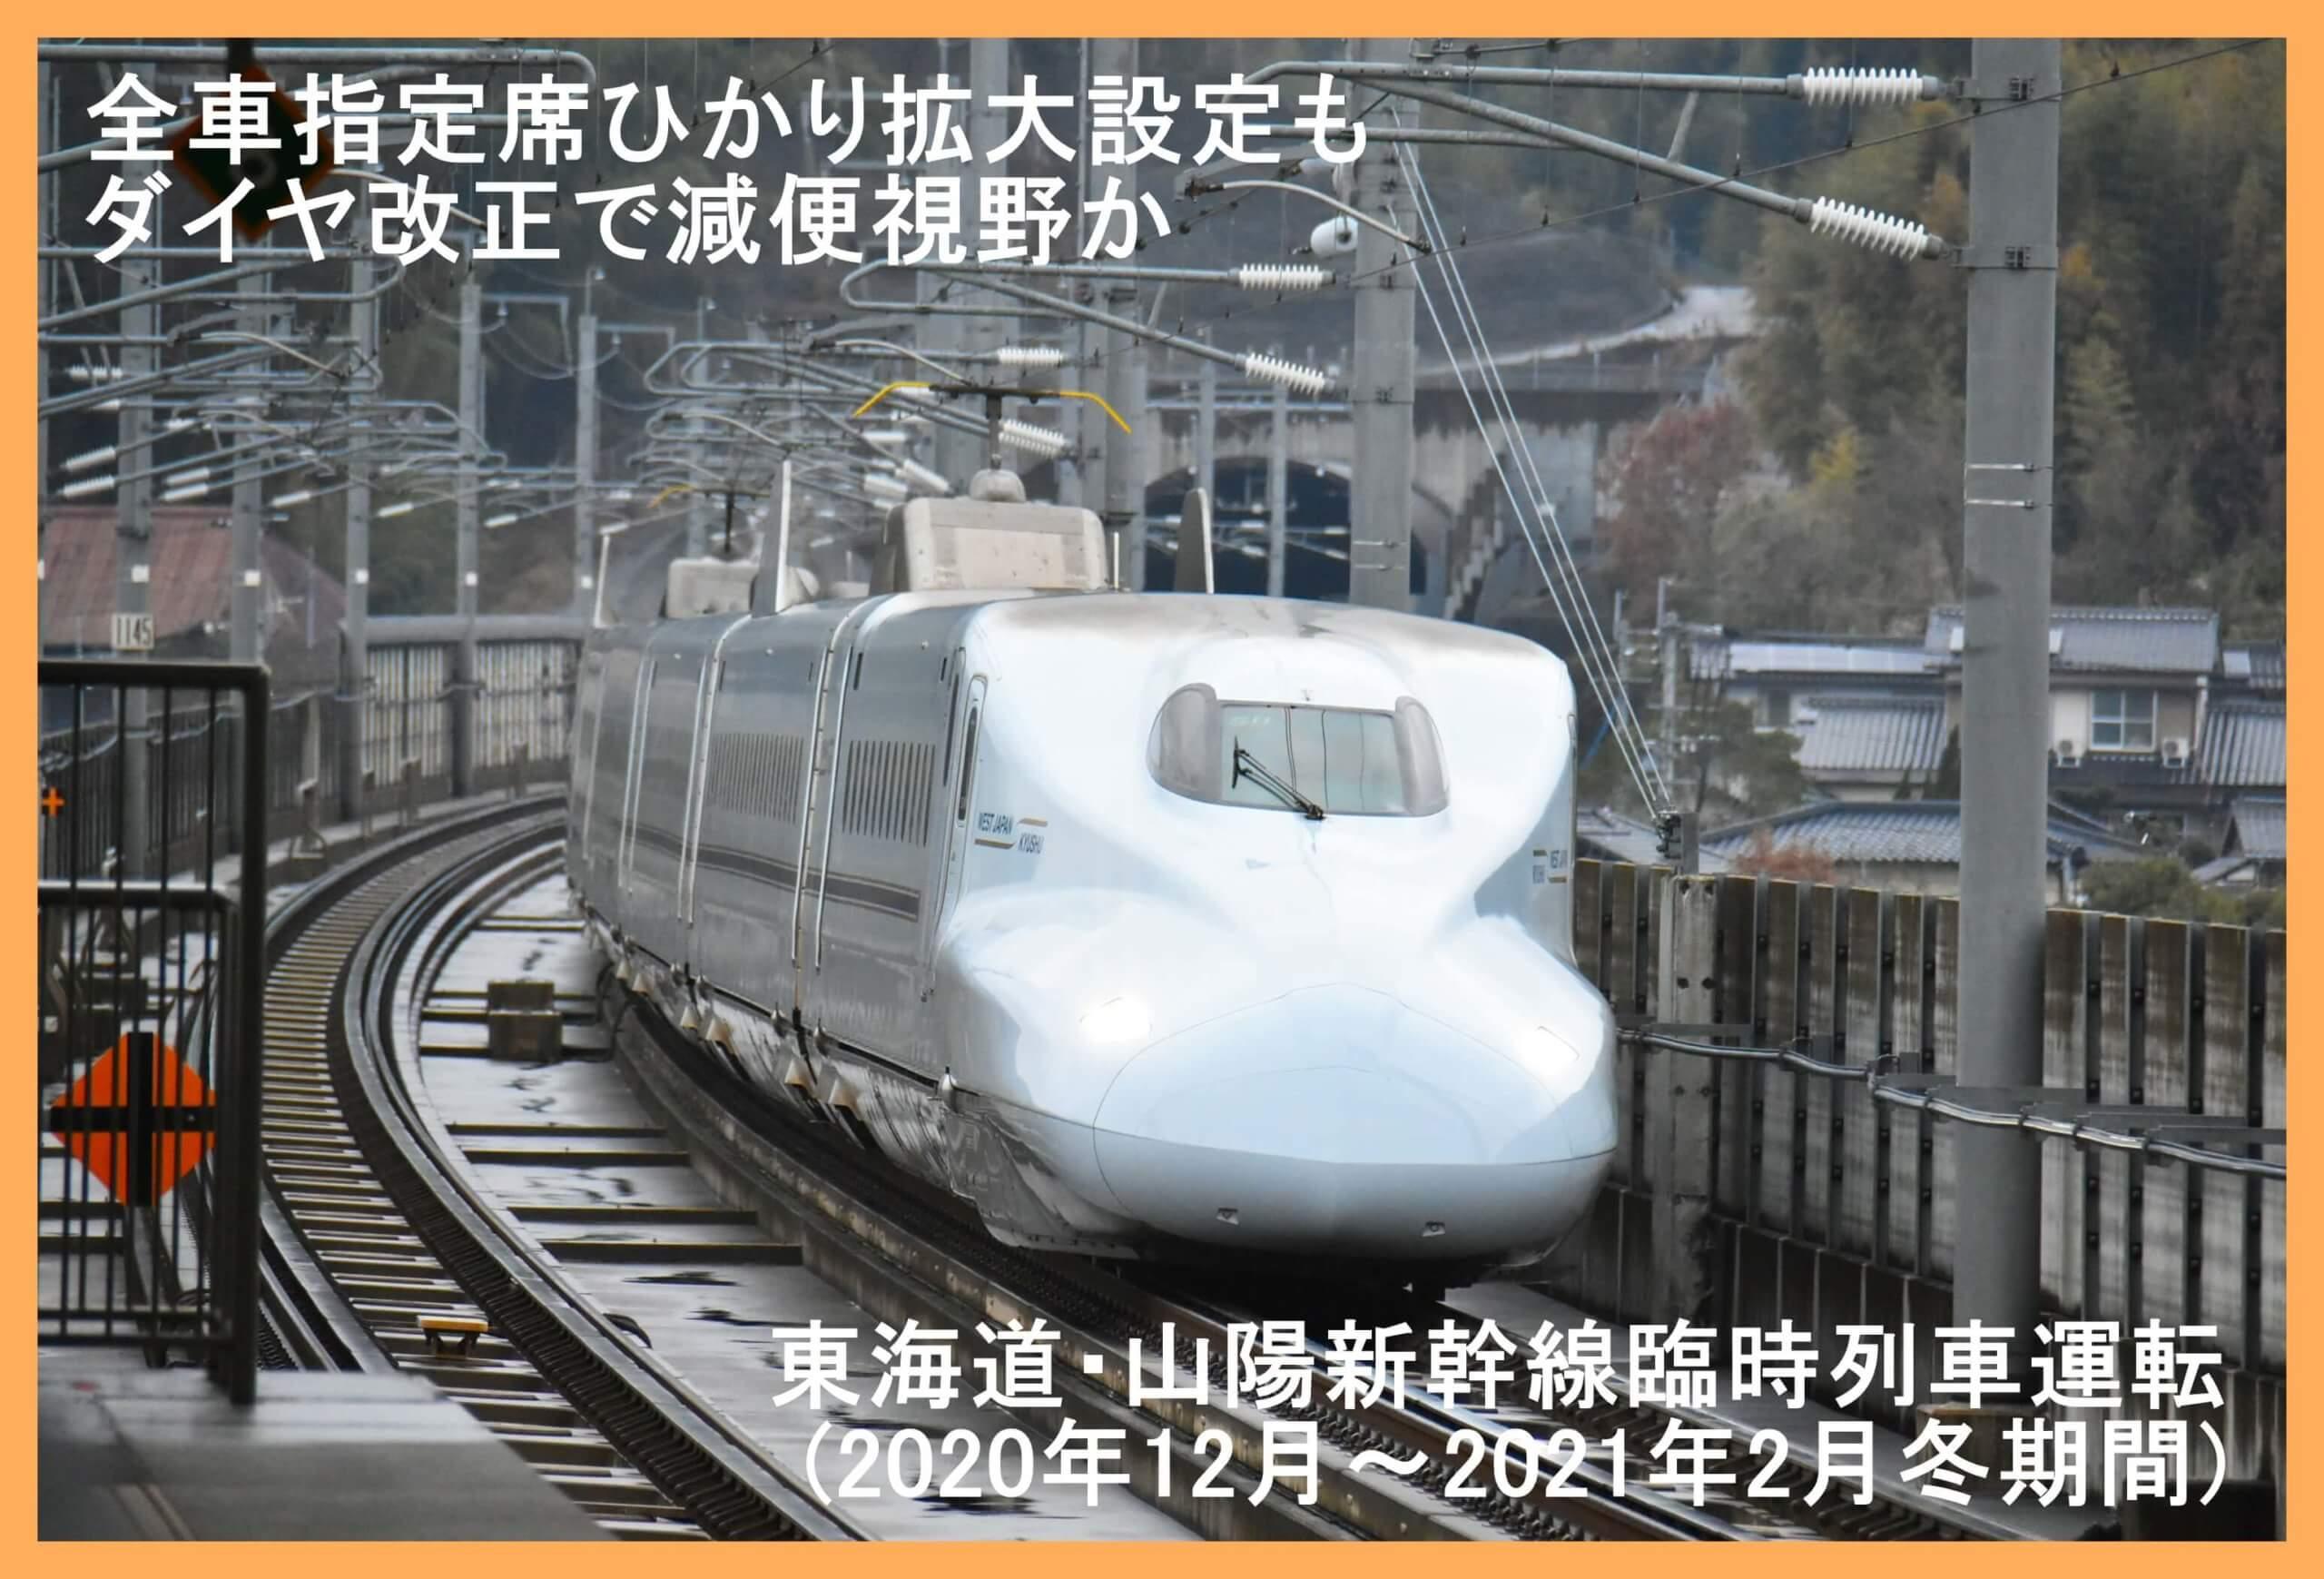 全車指定席ひかり拡大設定もダイヤ改正で減便視野か 東海道・山陽新幹線臨時列車運転(2020年12月~2021年2月冬期間)